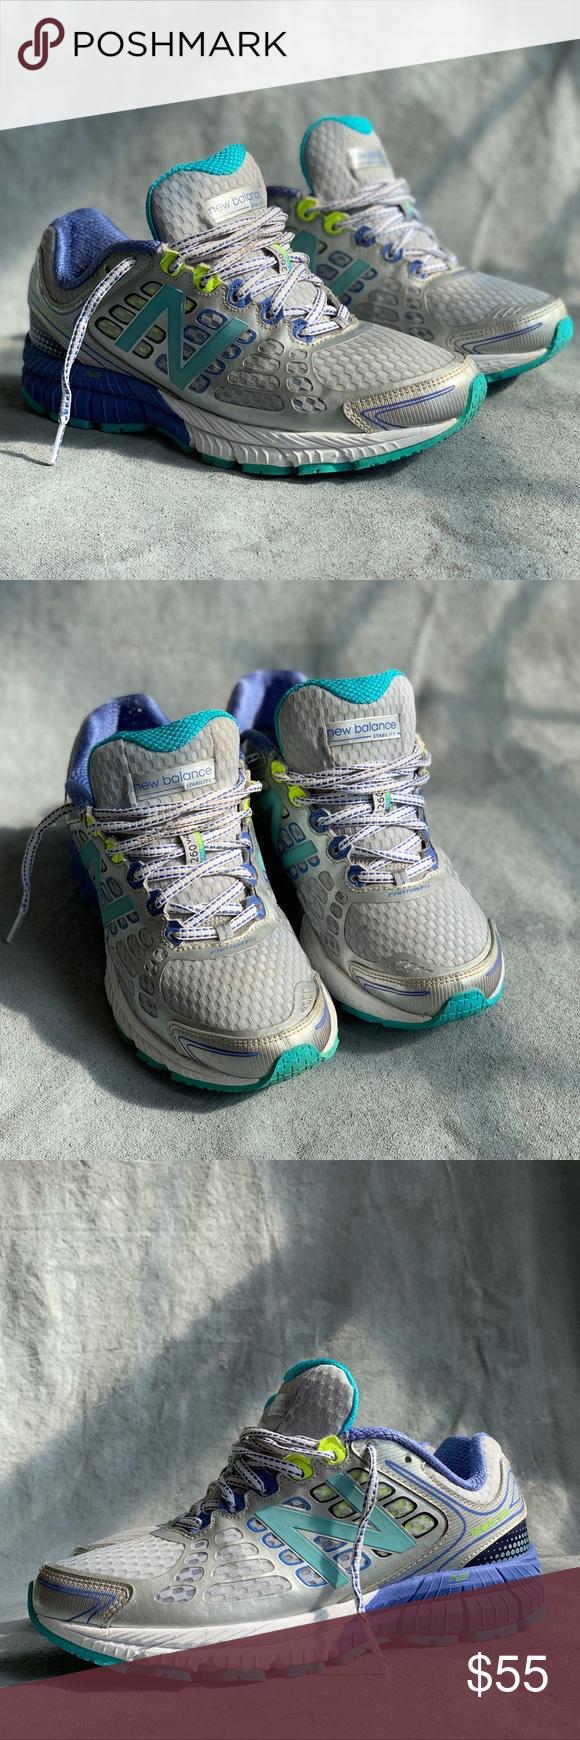 new balance 260 shoes Limit discounts